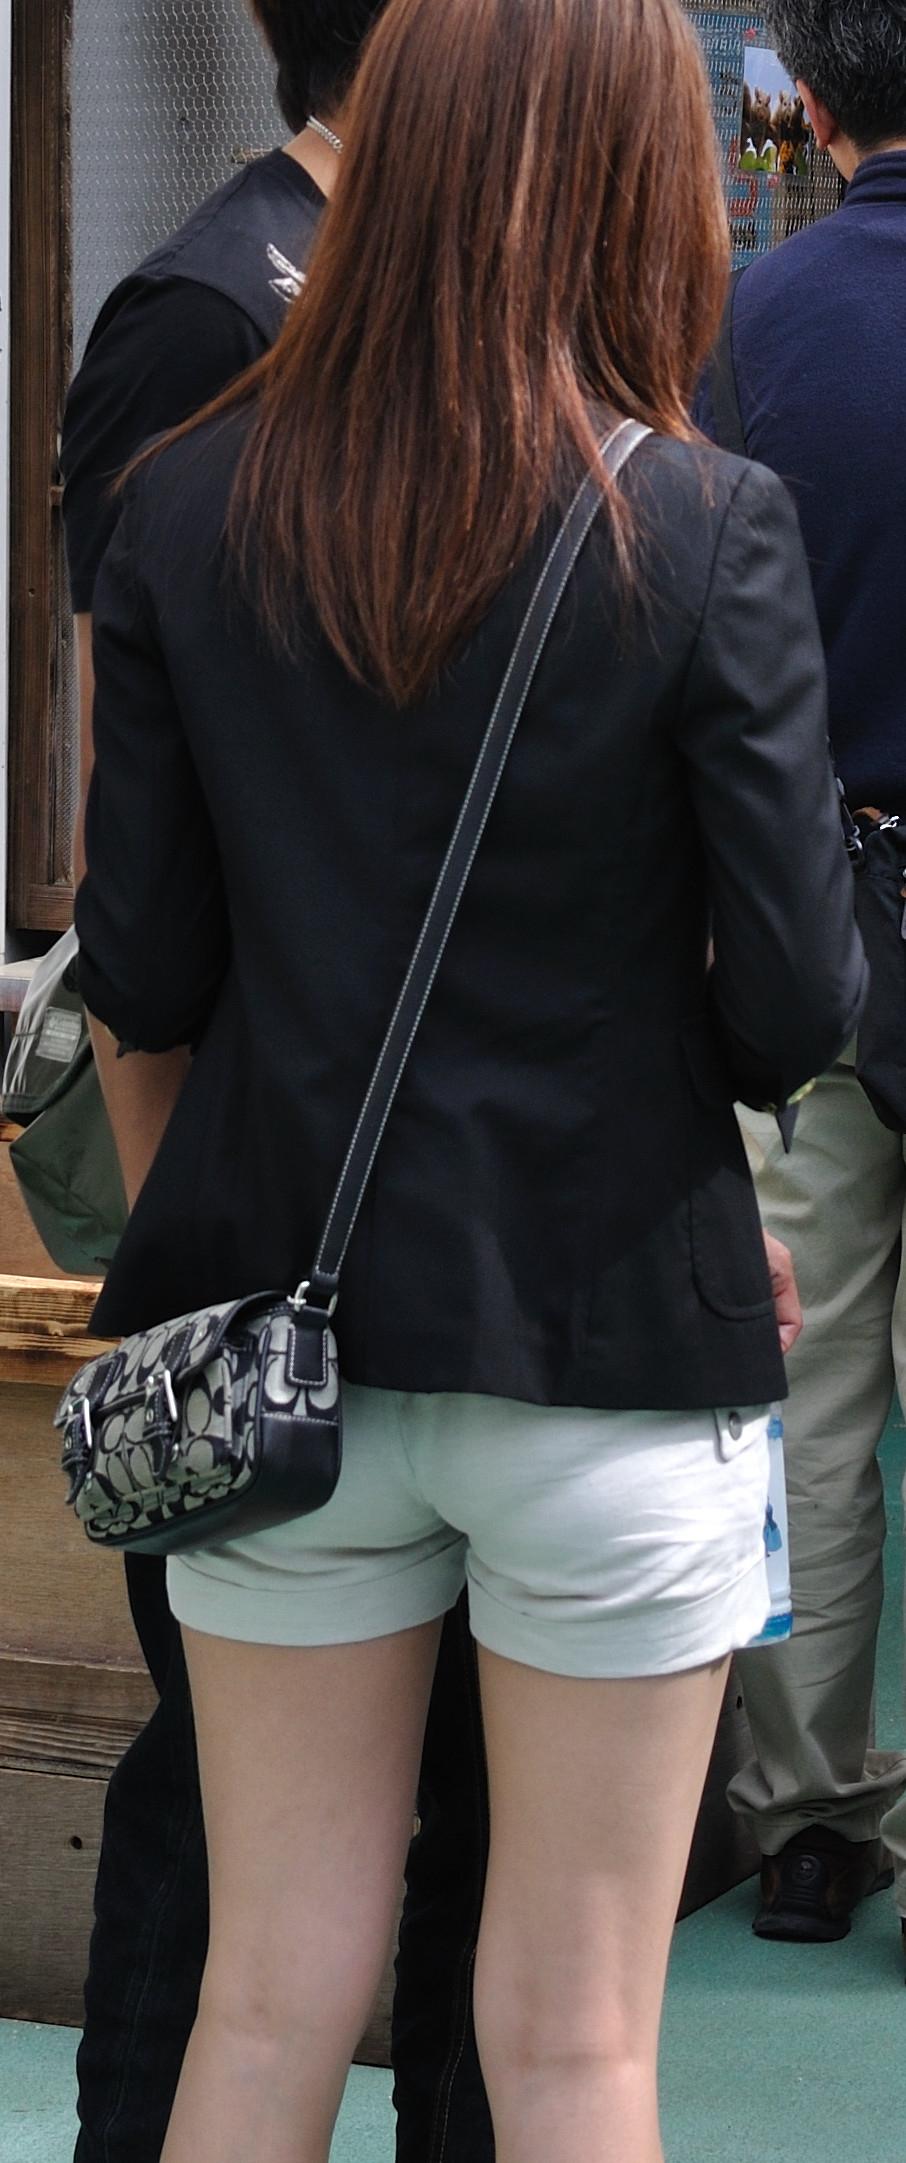 【ショーパンエロ画像】街中でもむしゃぶりついてみてぇ…太ももと尻肉を限界まで見せ付けるショーパン女子www 06